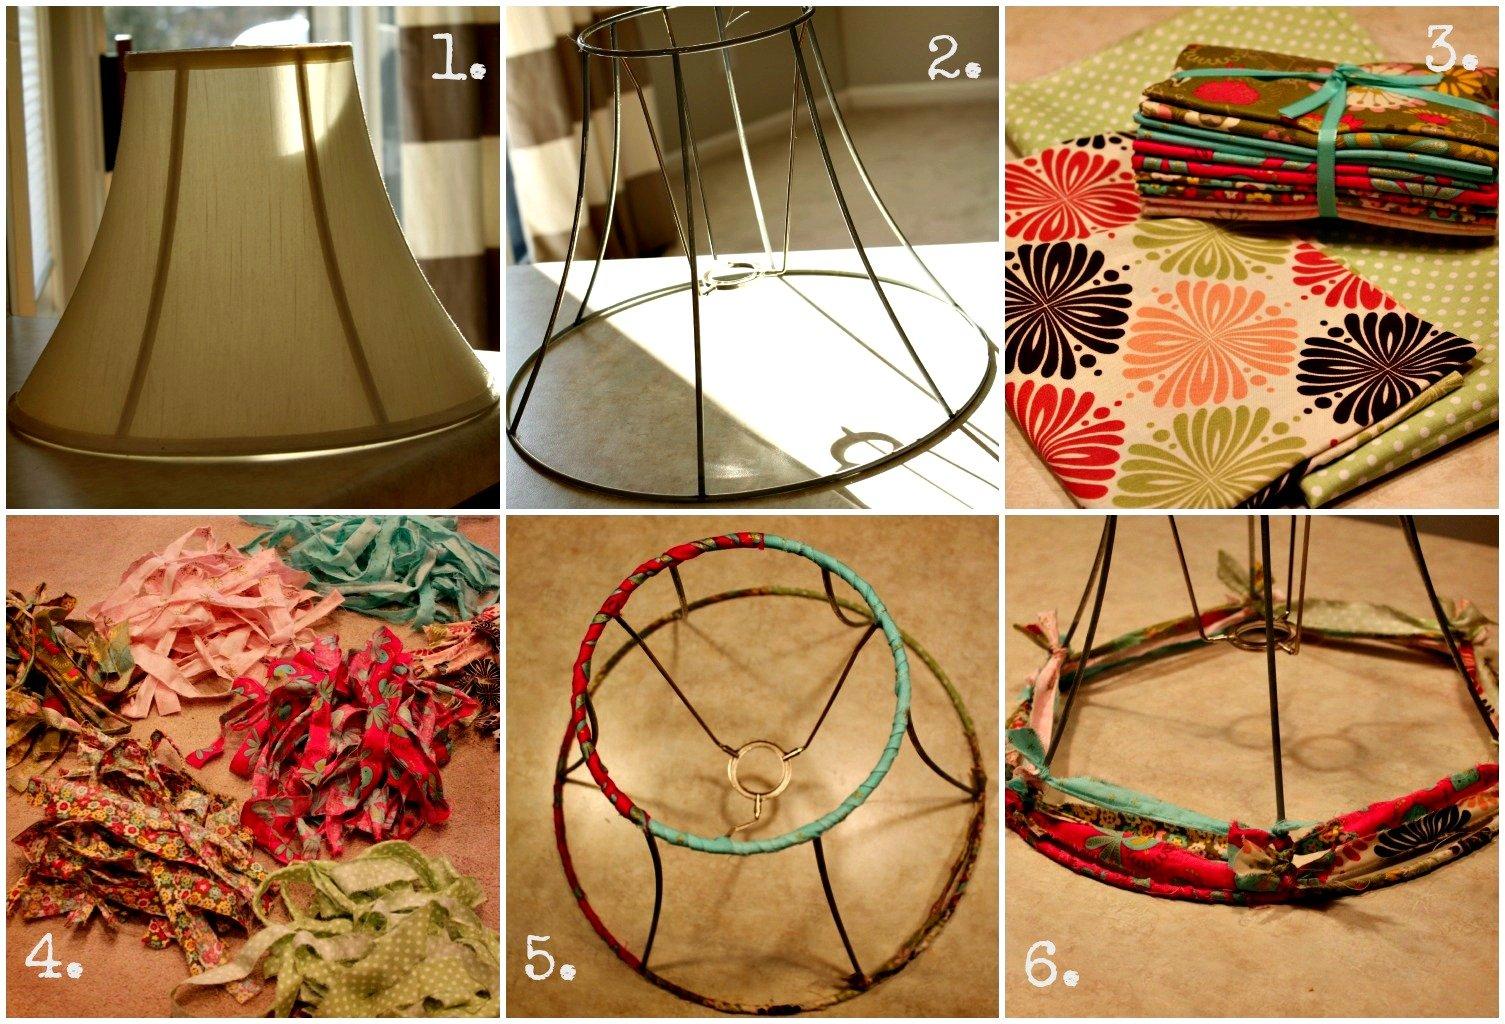 Как сделать абажур из ткани своими руками: пошаговая инструкция